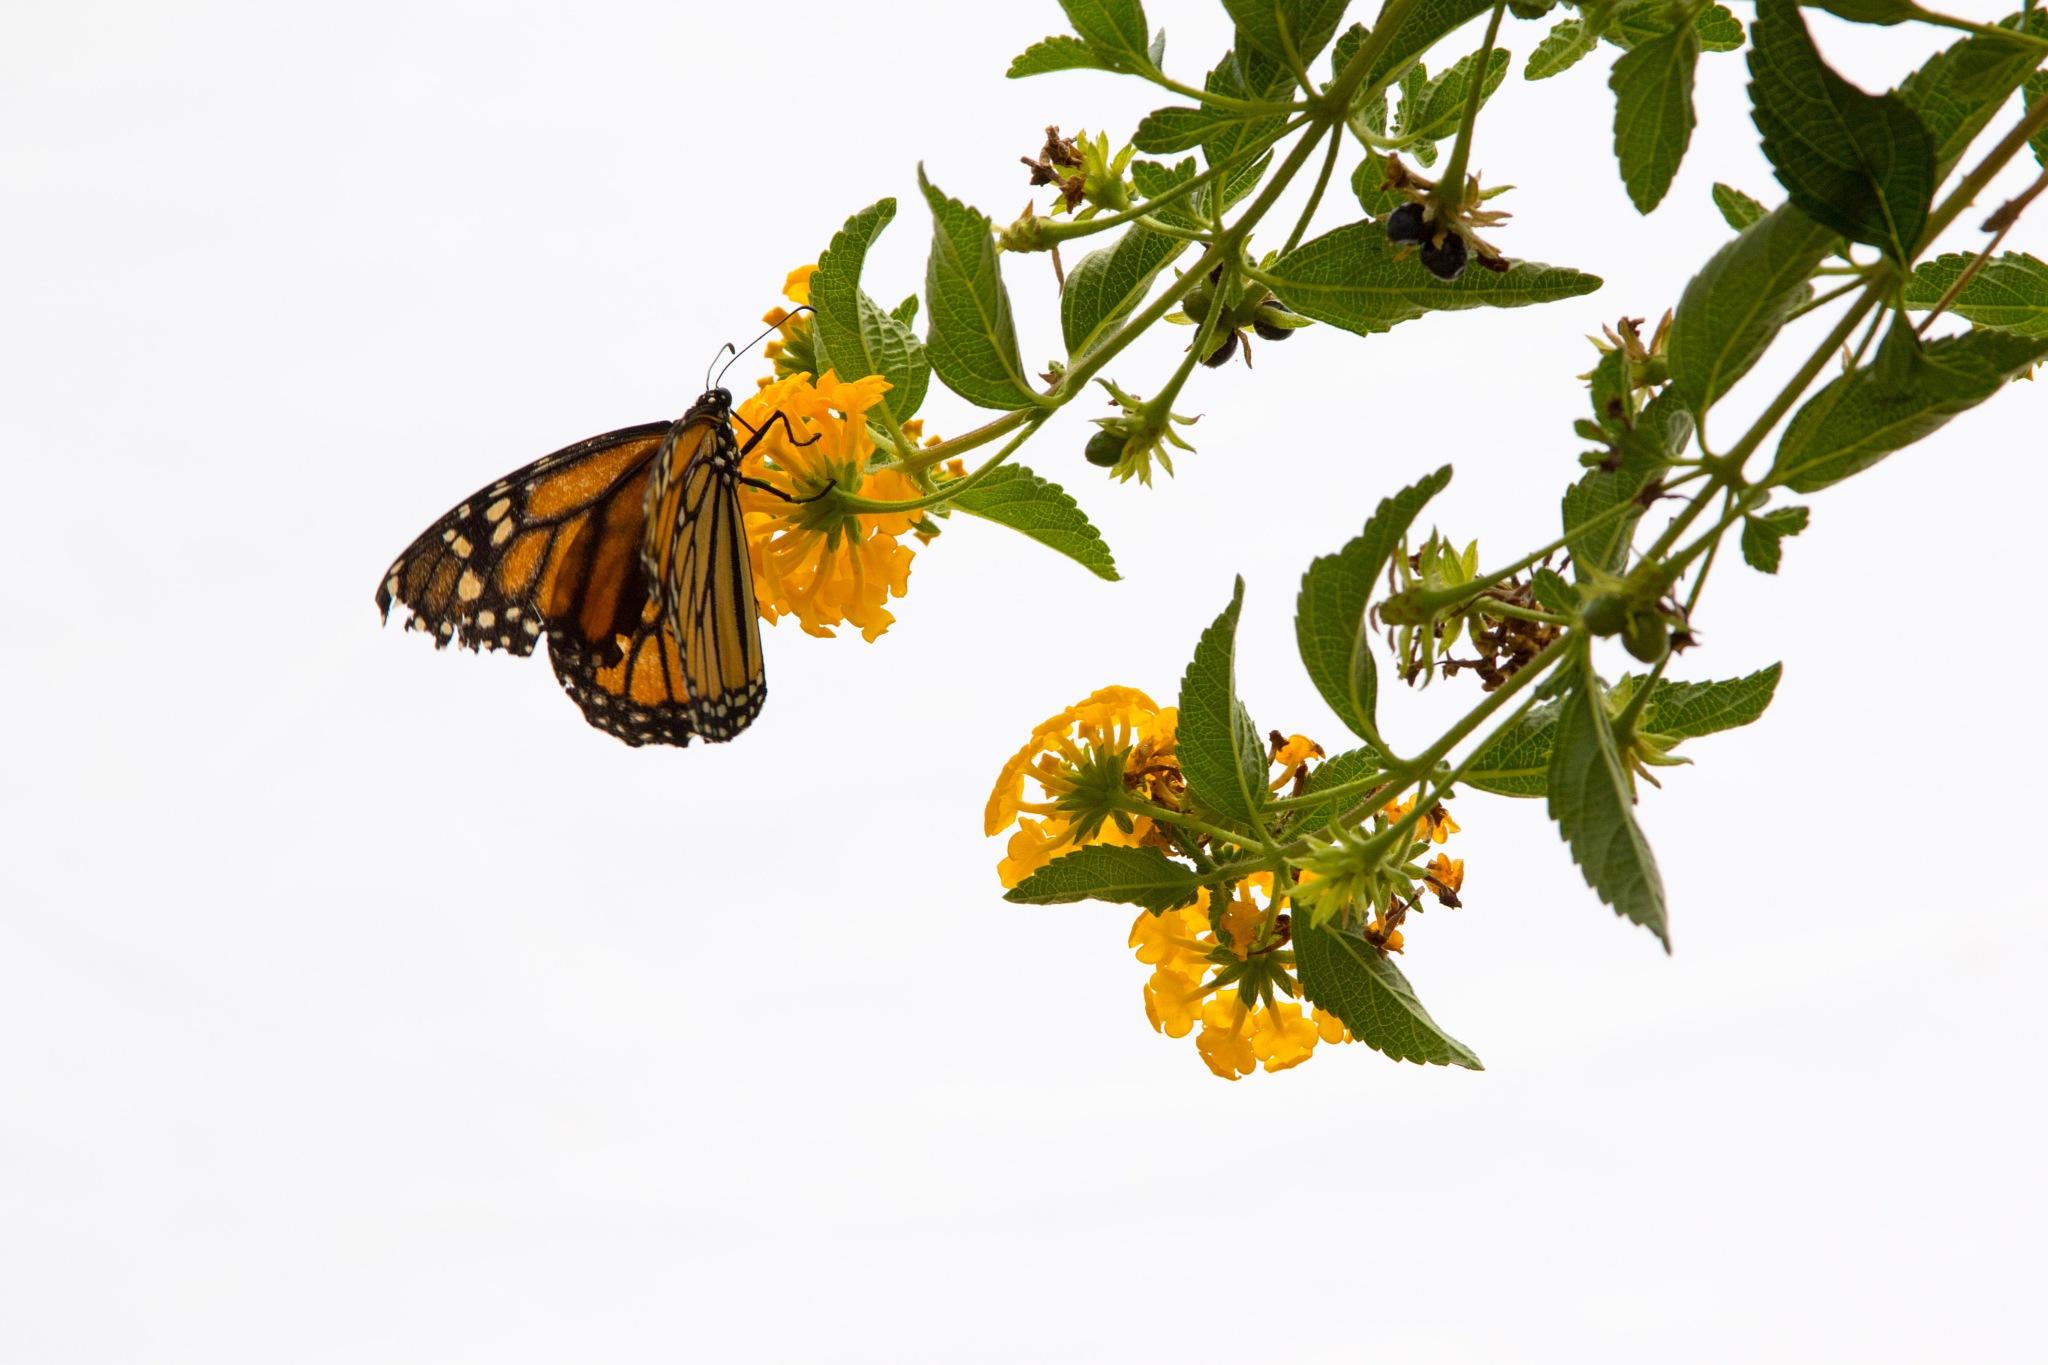 Butterfly by ejk41